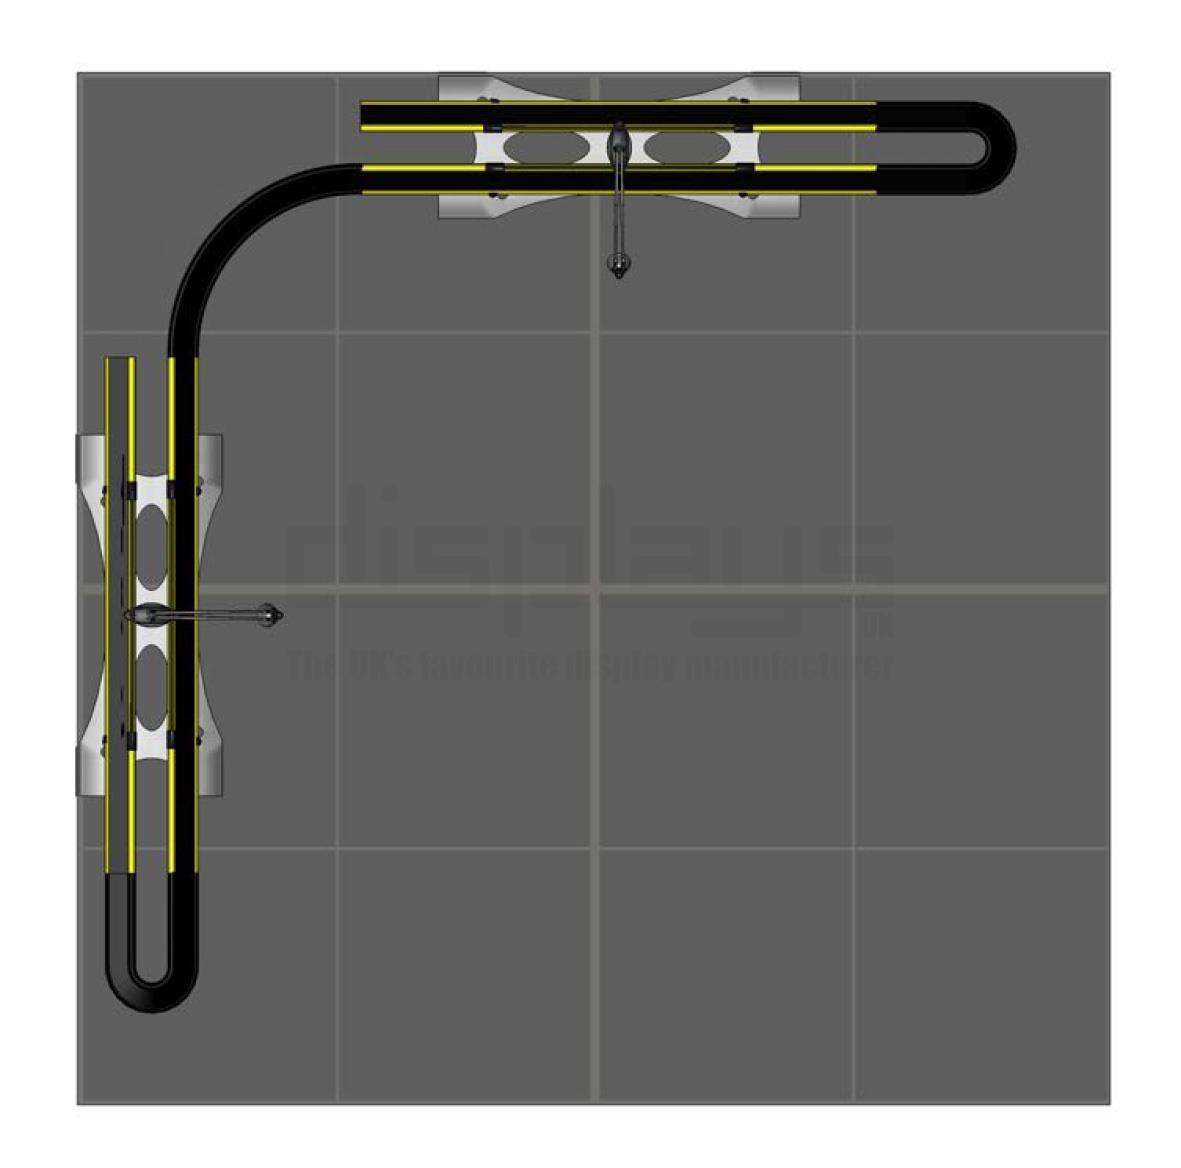 Twist Banner 2m x 2m Exhibition Stand - Kit 26